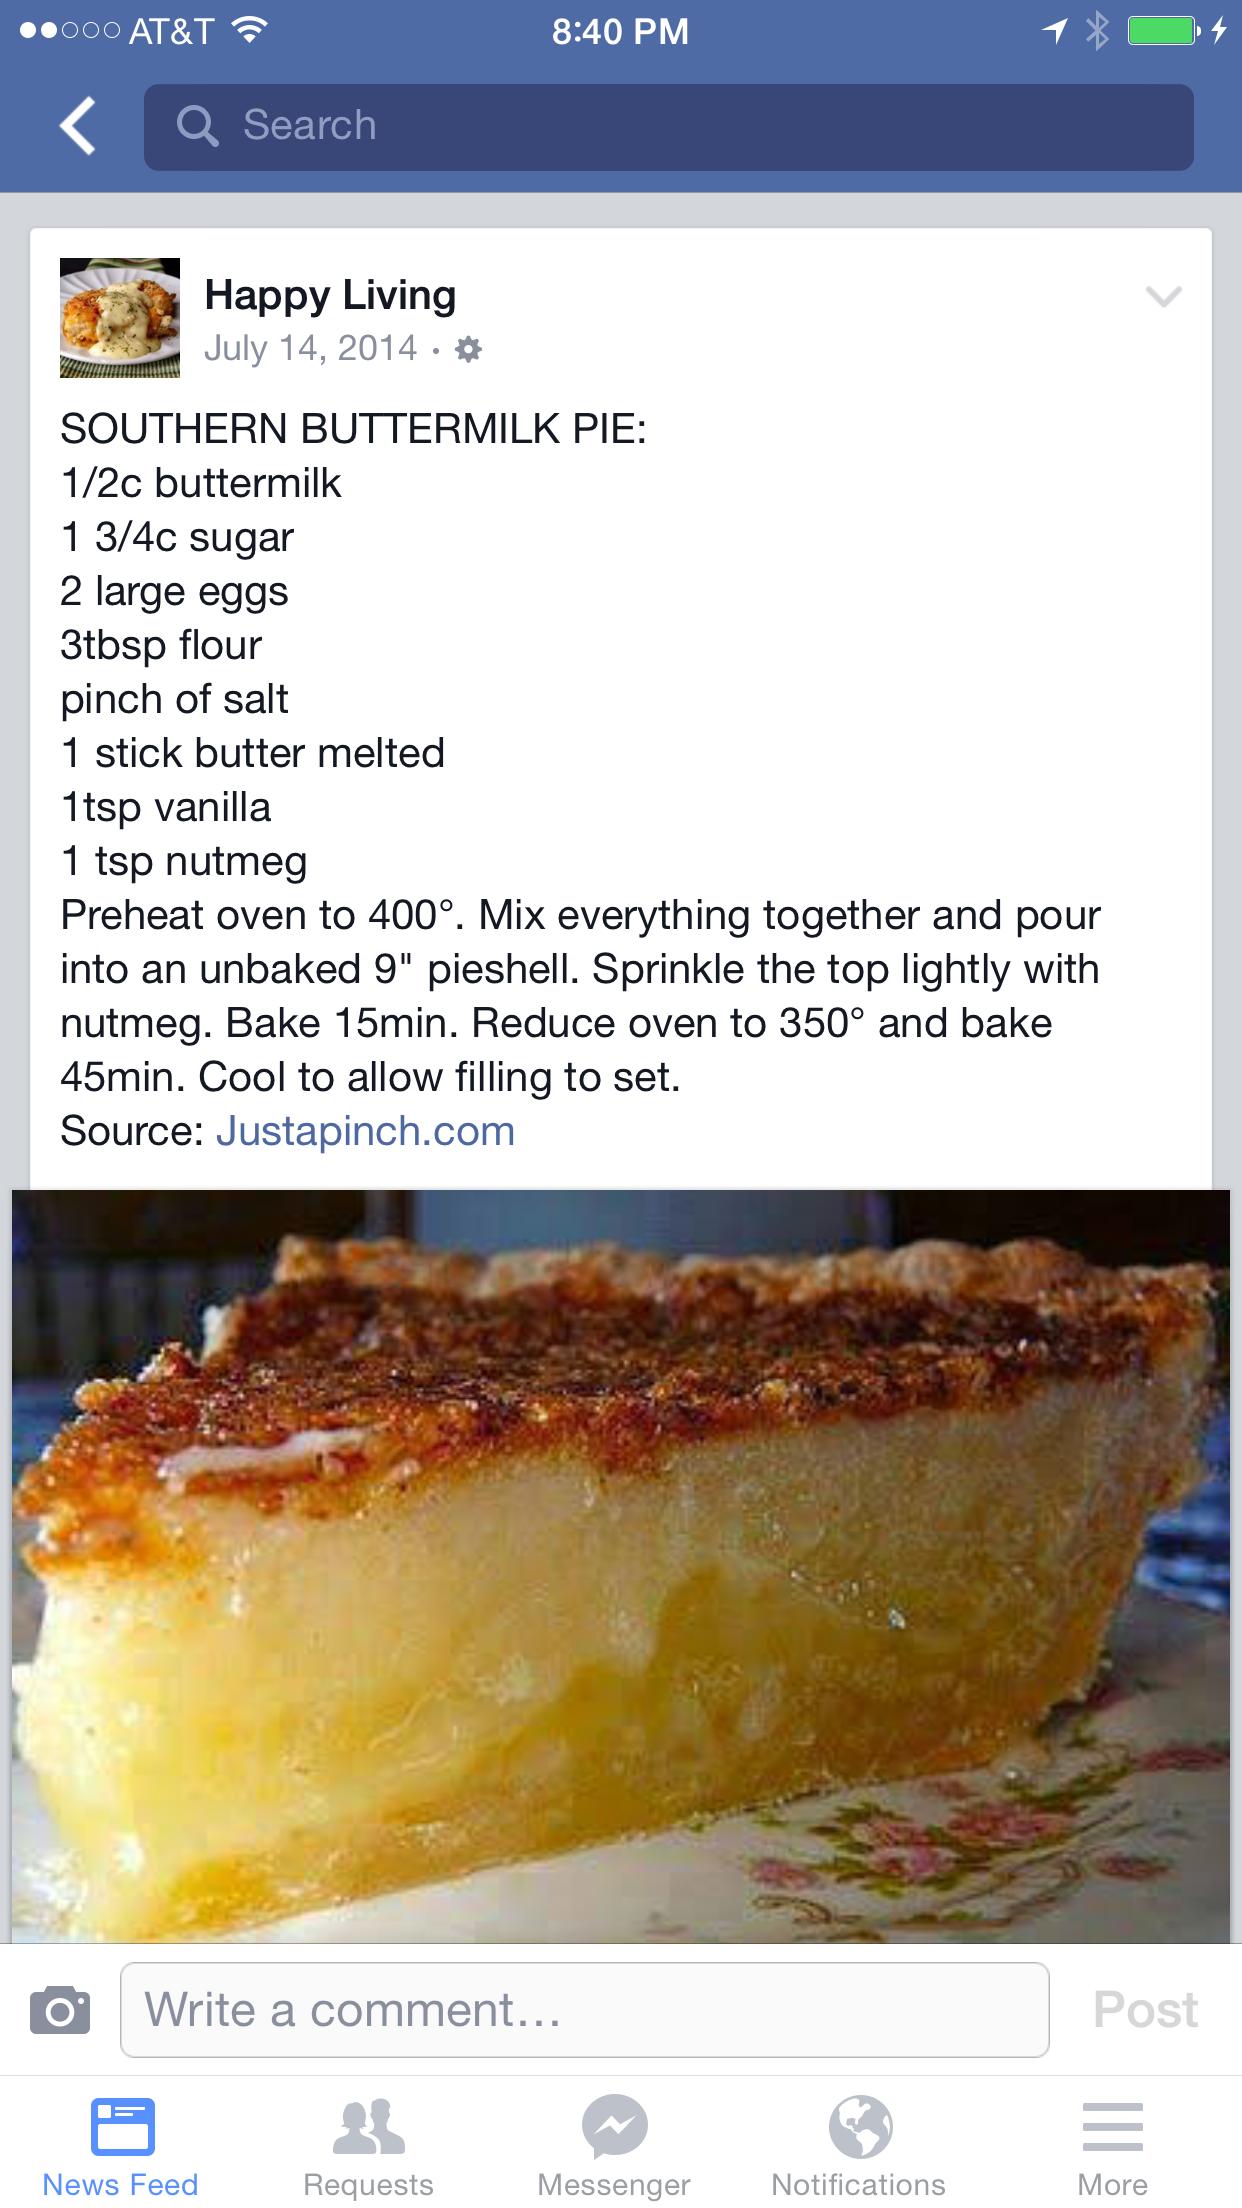 Southern Buttermilk Pie Desserts Dessert Recipes Buttermilk Pie